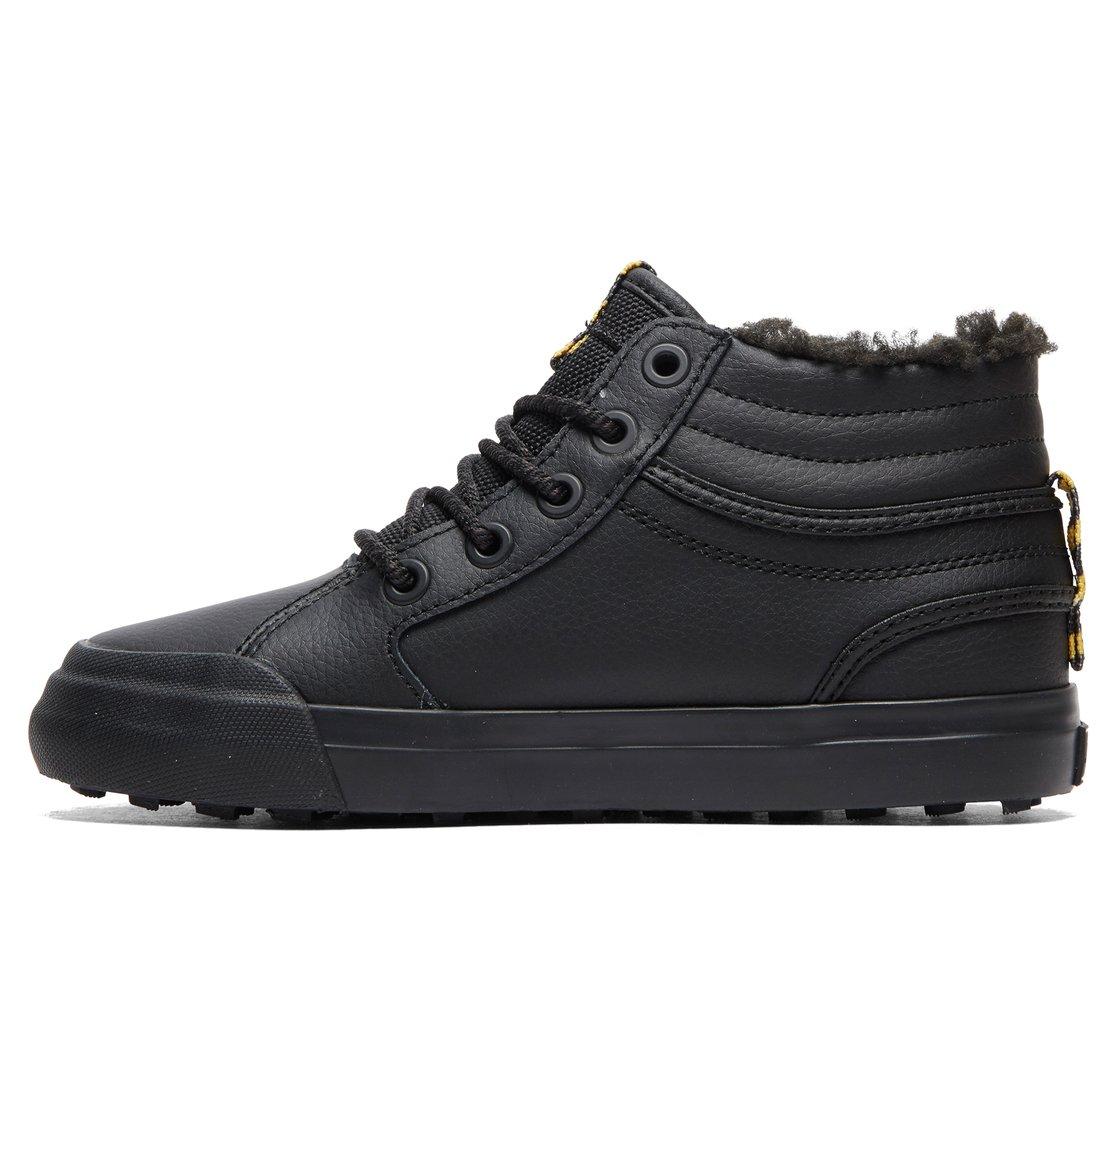 Hi Pour Montantes Wnt Chaussures Adbs300314 D'hiver Evan Garçon UwgdCCx